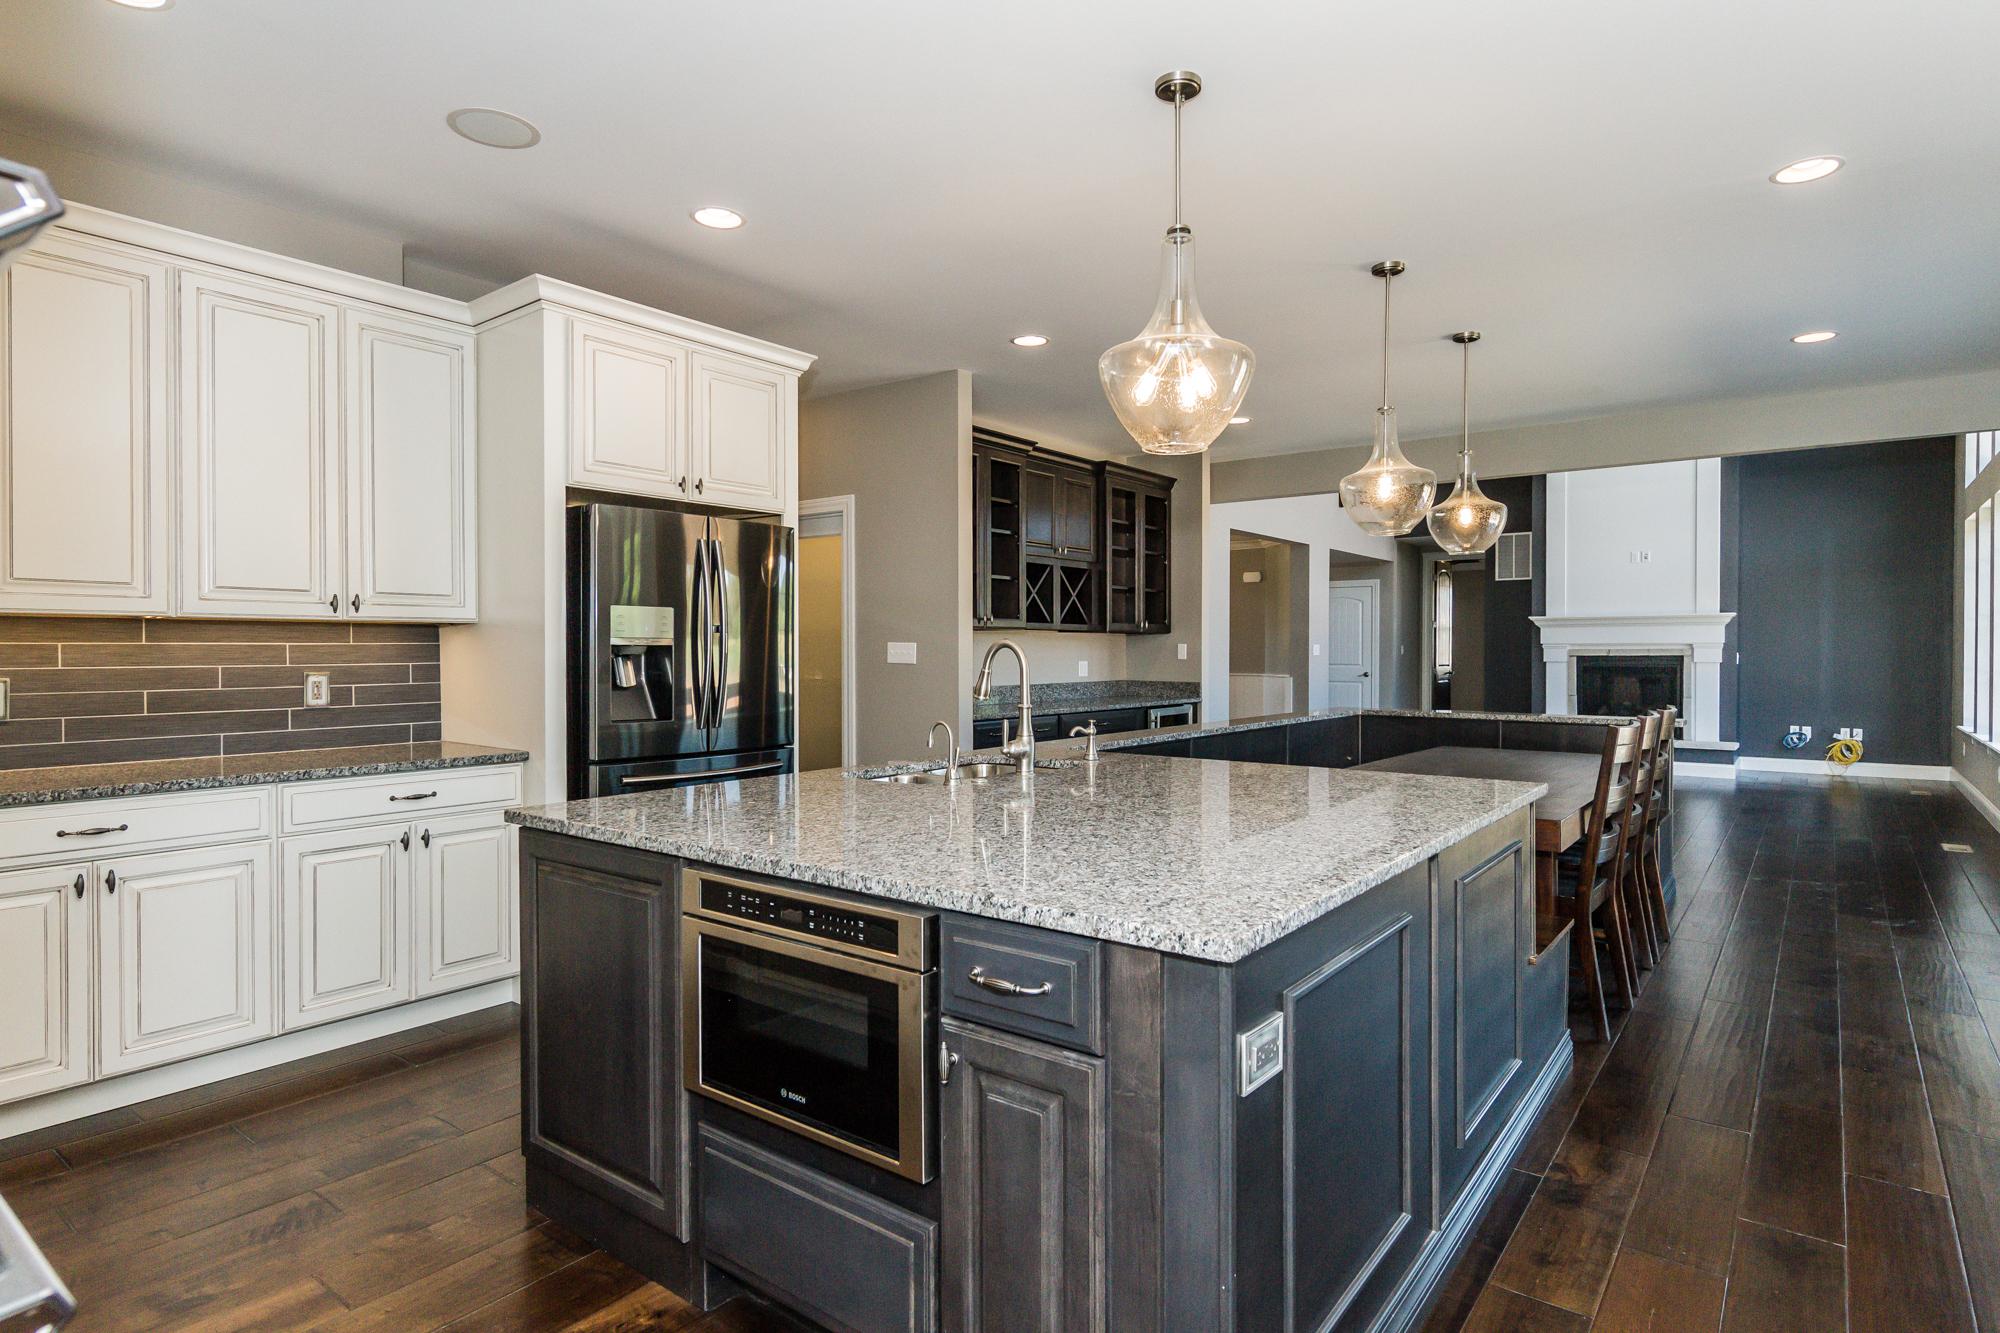 New-Construction-For-Sale-O'Fallon-Illinois-CR-Holland-0-42.jpg